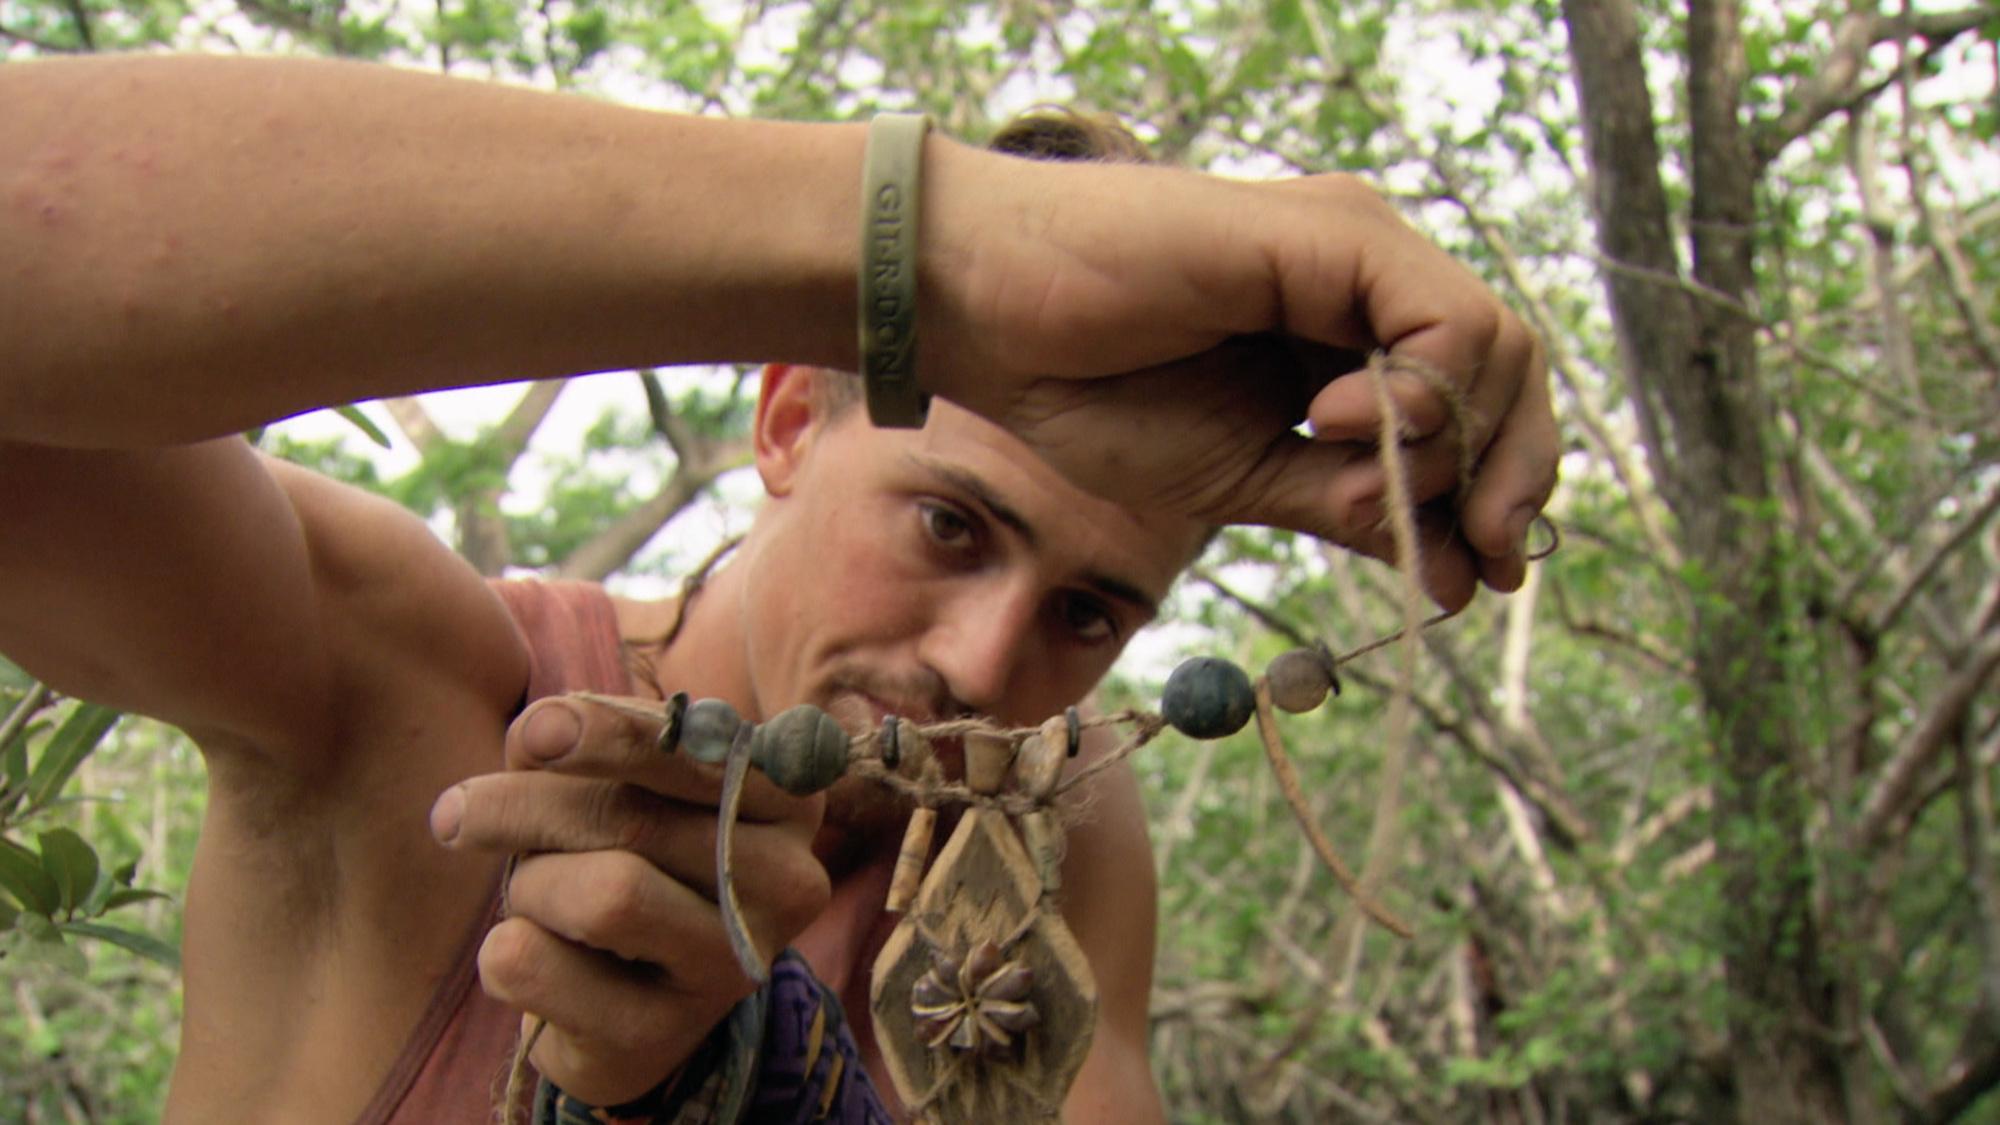 Joe puts his jewelry-making skills to work